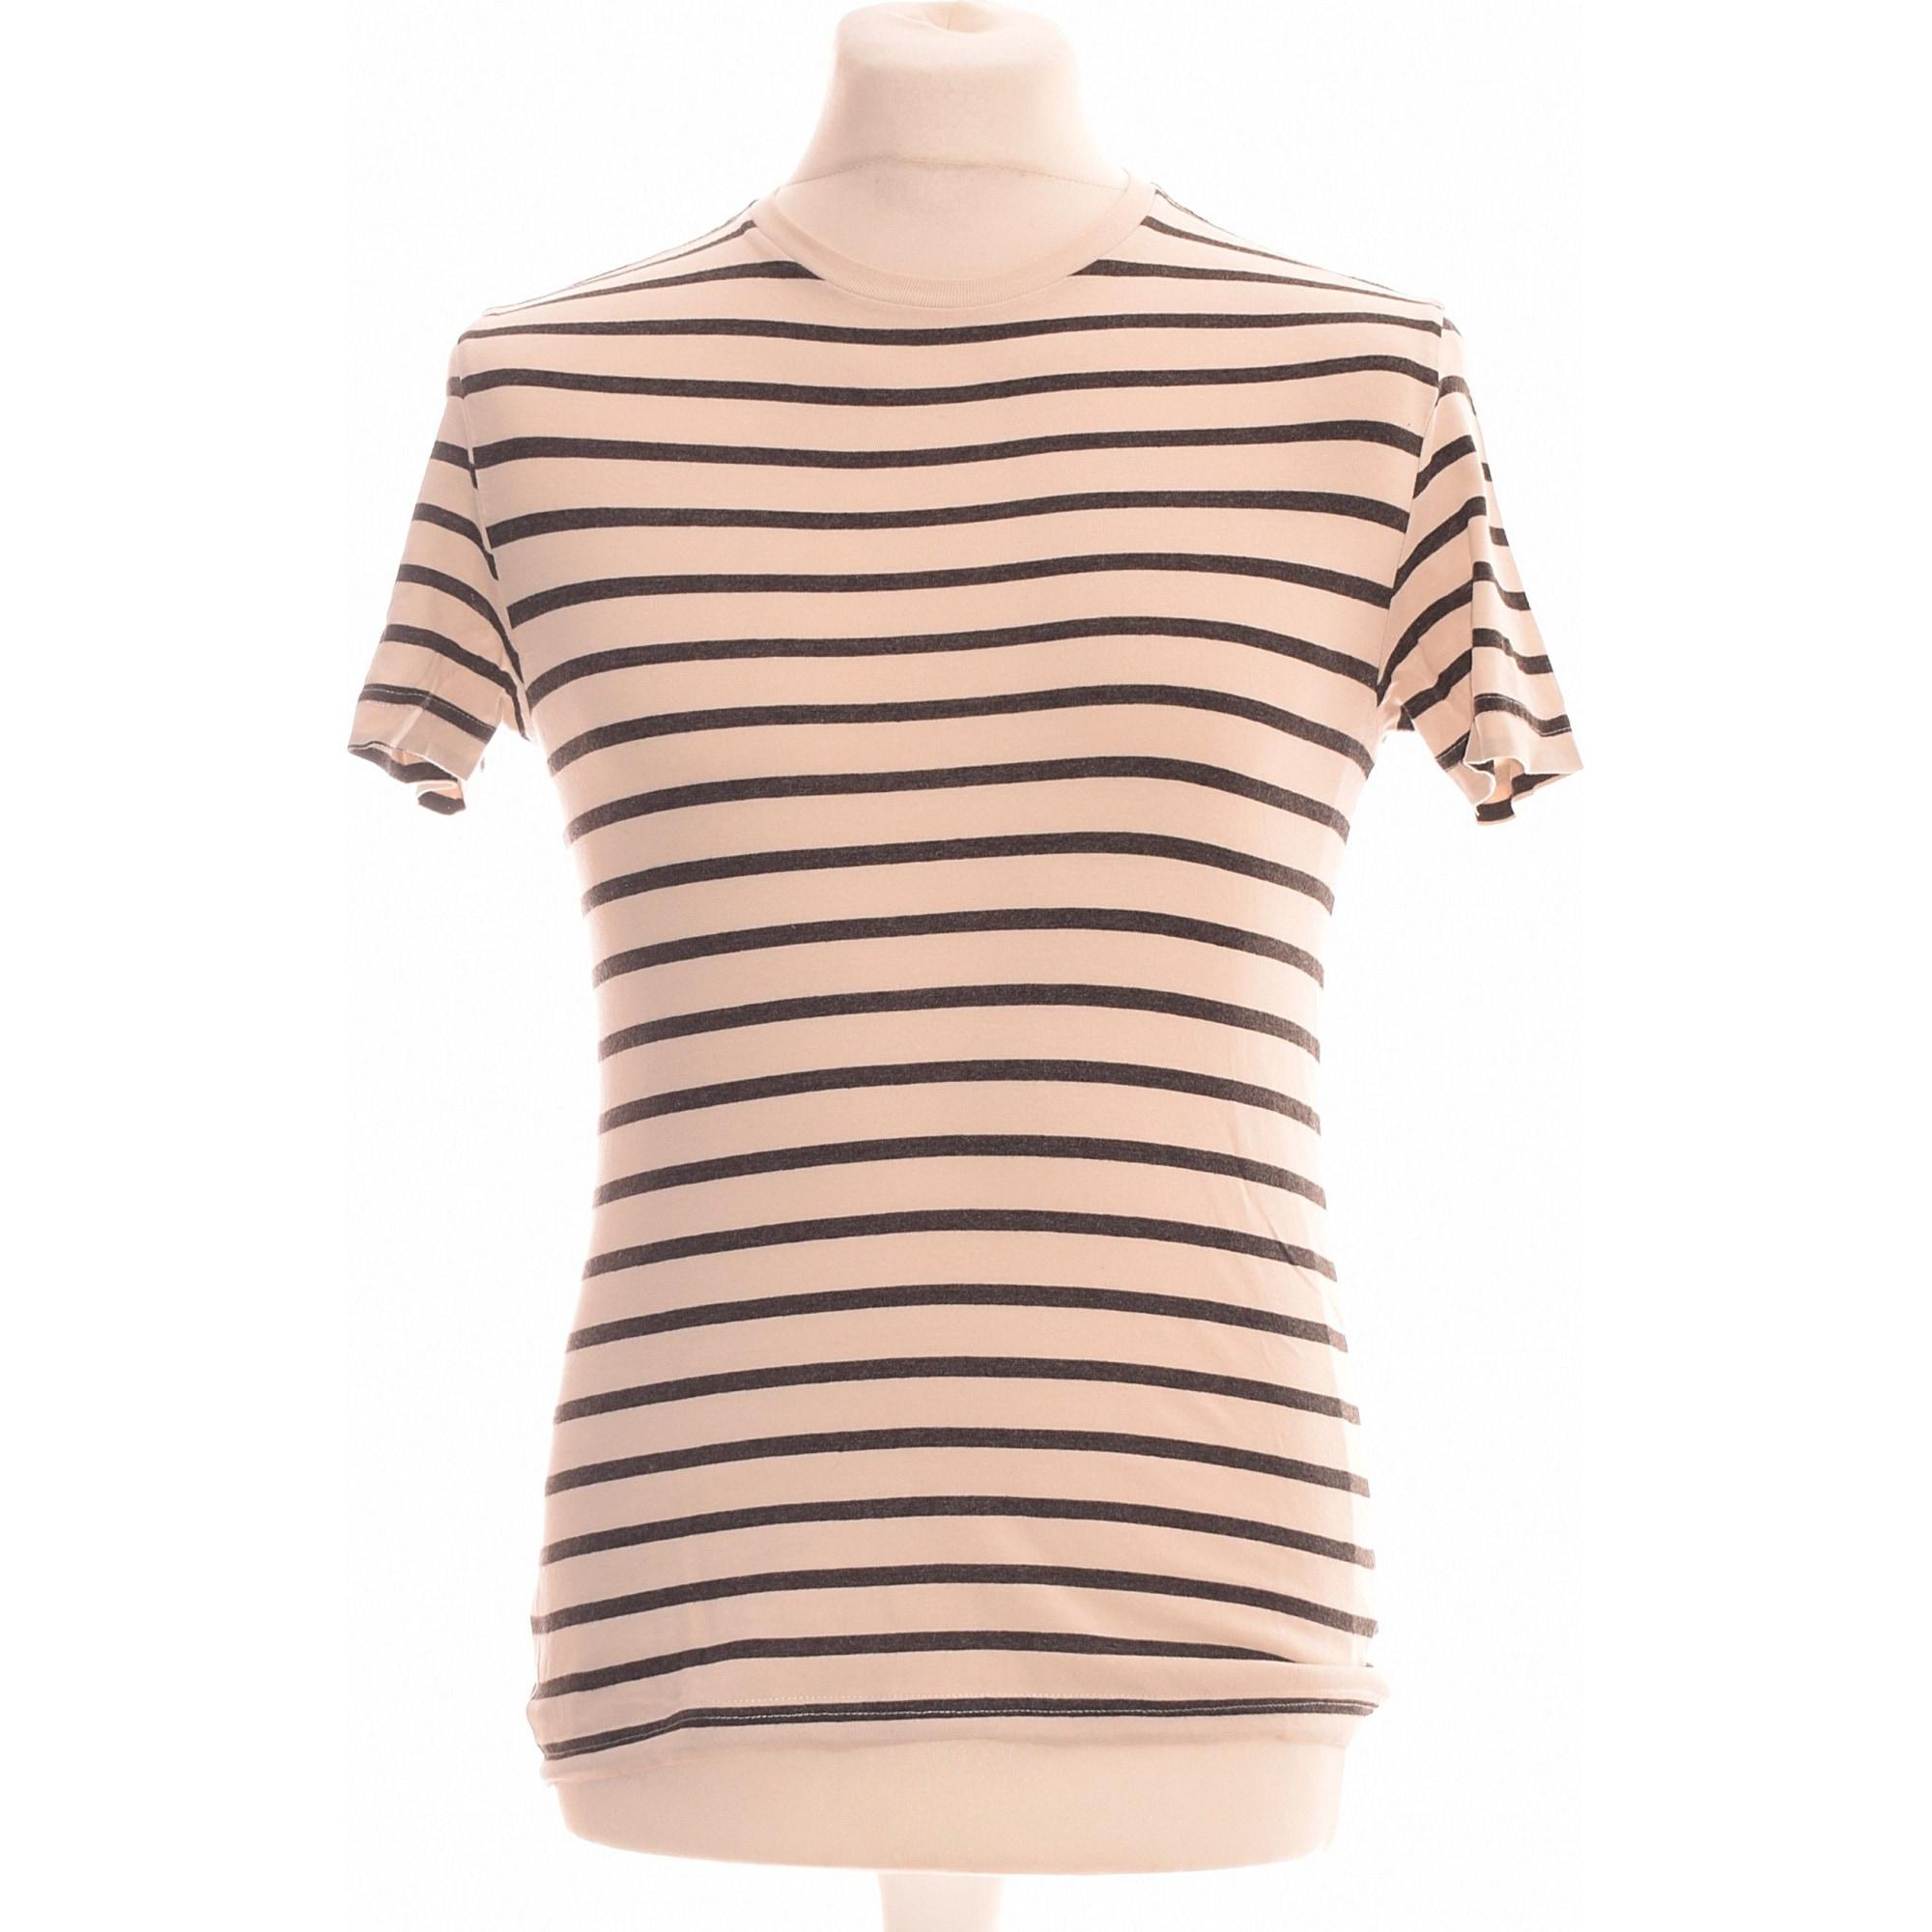 Tee-shirt H&M Beige, camel